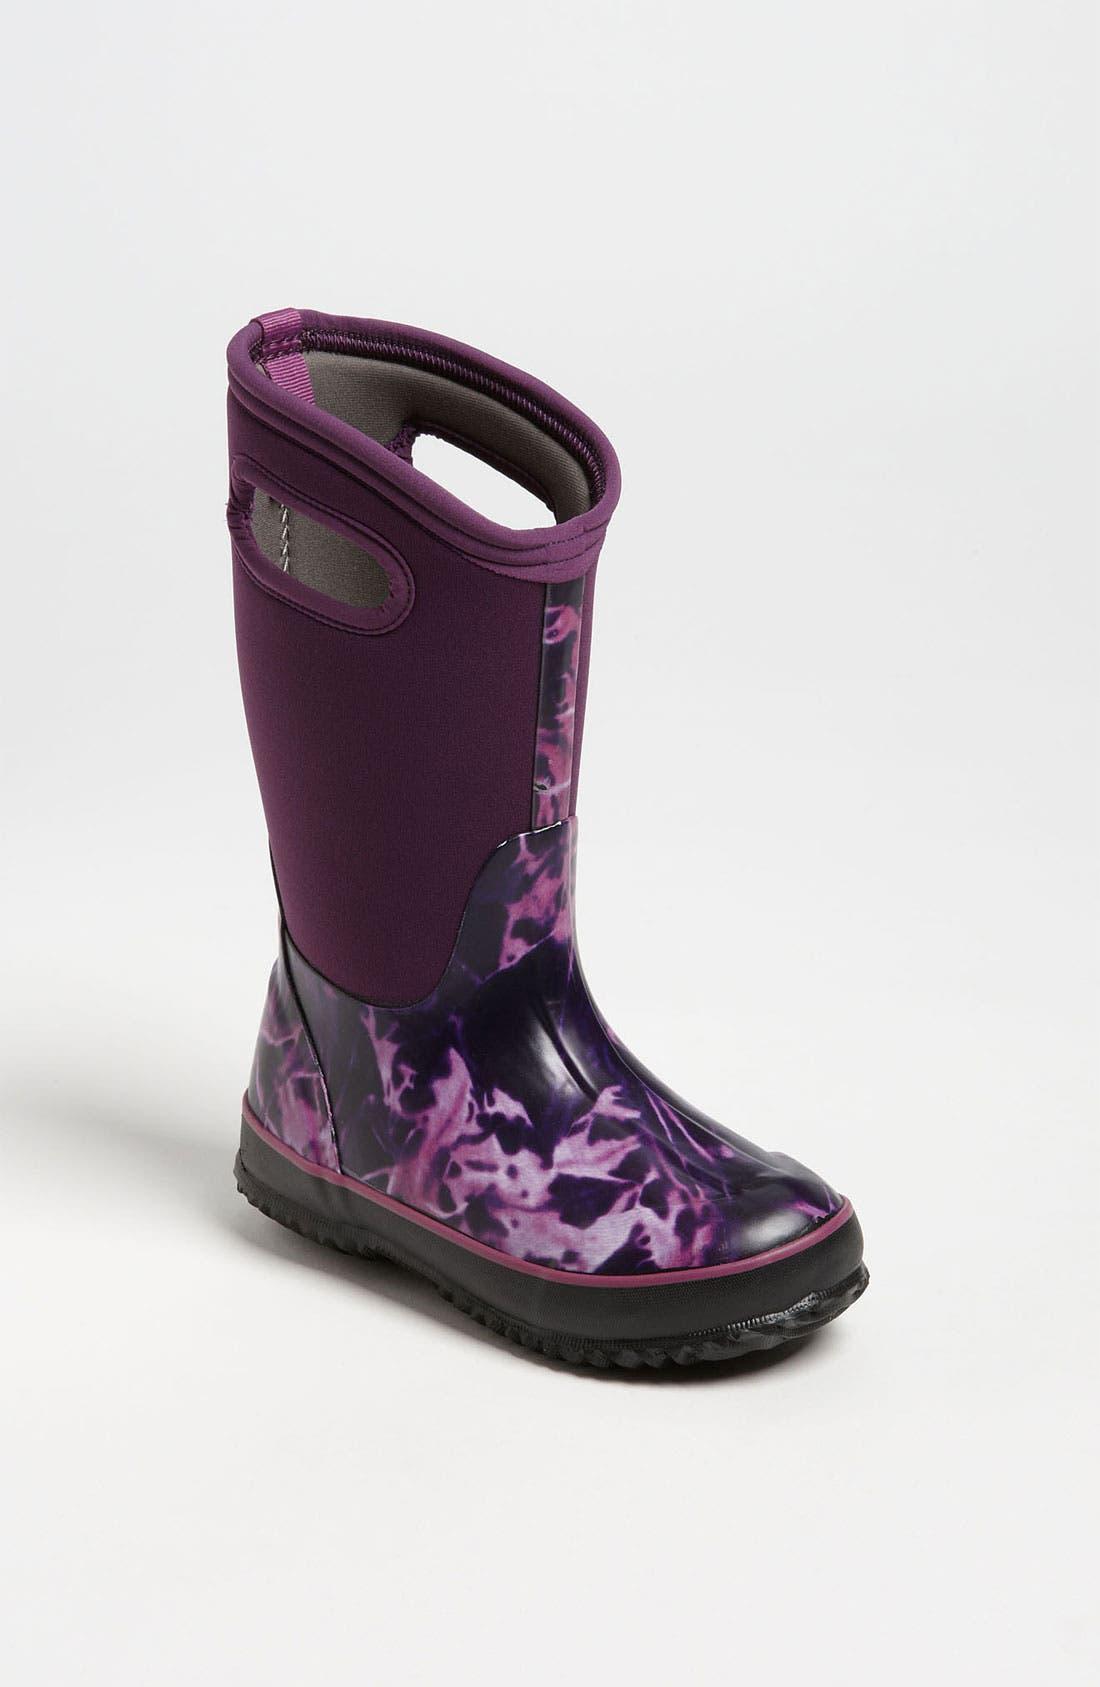 Main Image - Bogs 'Classic High - Batik' Waterproof Boot (Toddler, Little Kid & Big Kid)